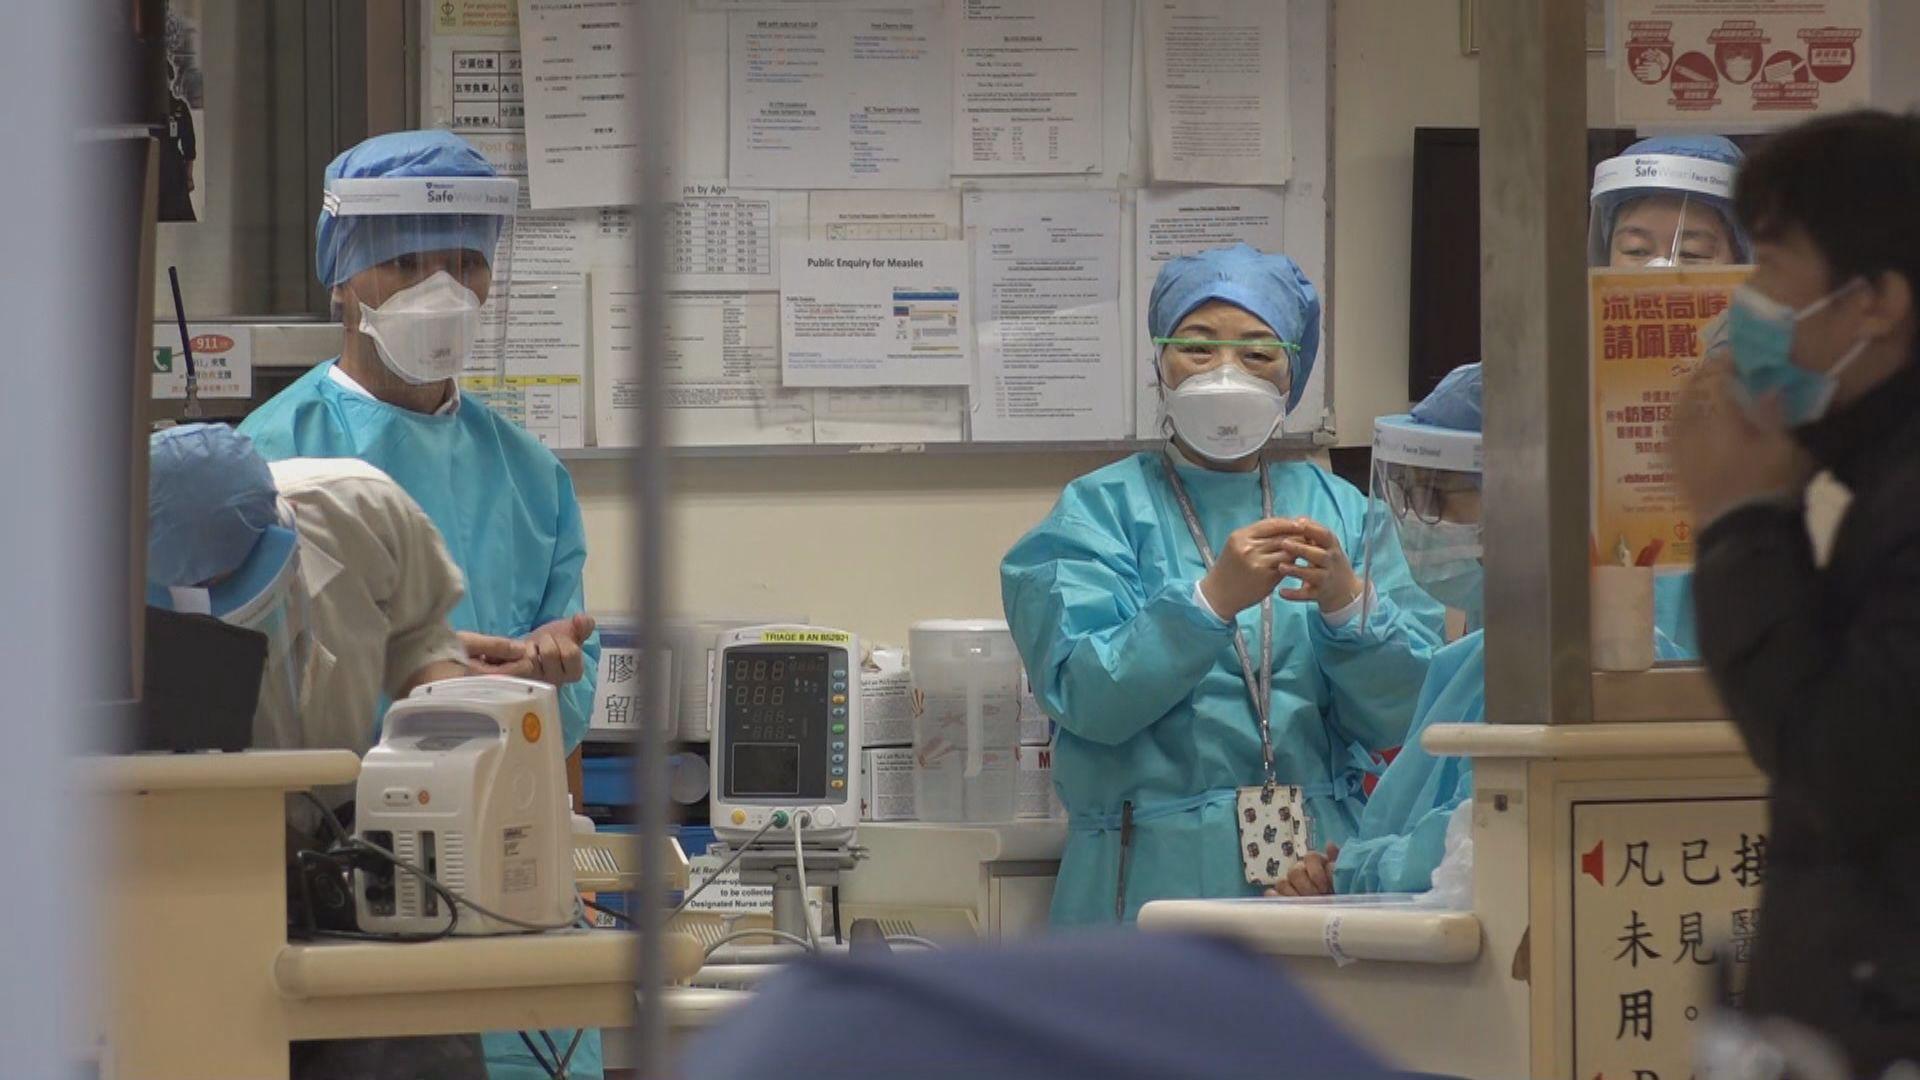 醫管局:非因防護裝備不足而降低裝備級別